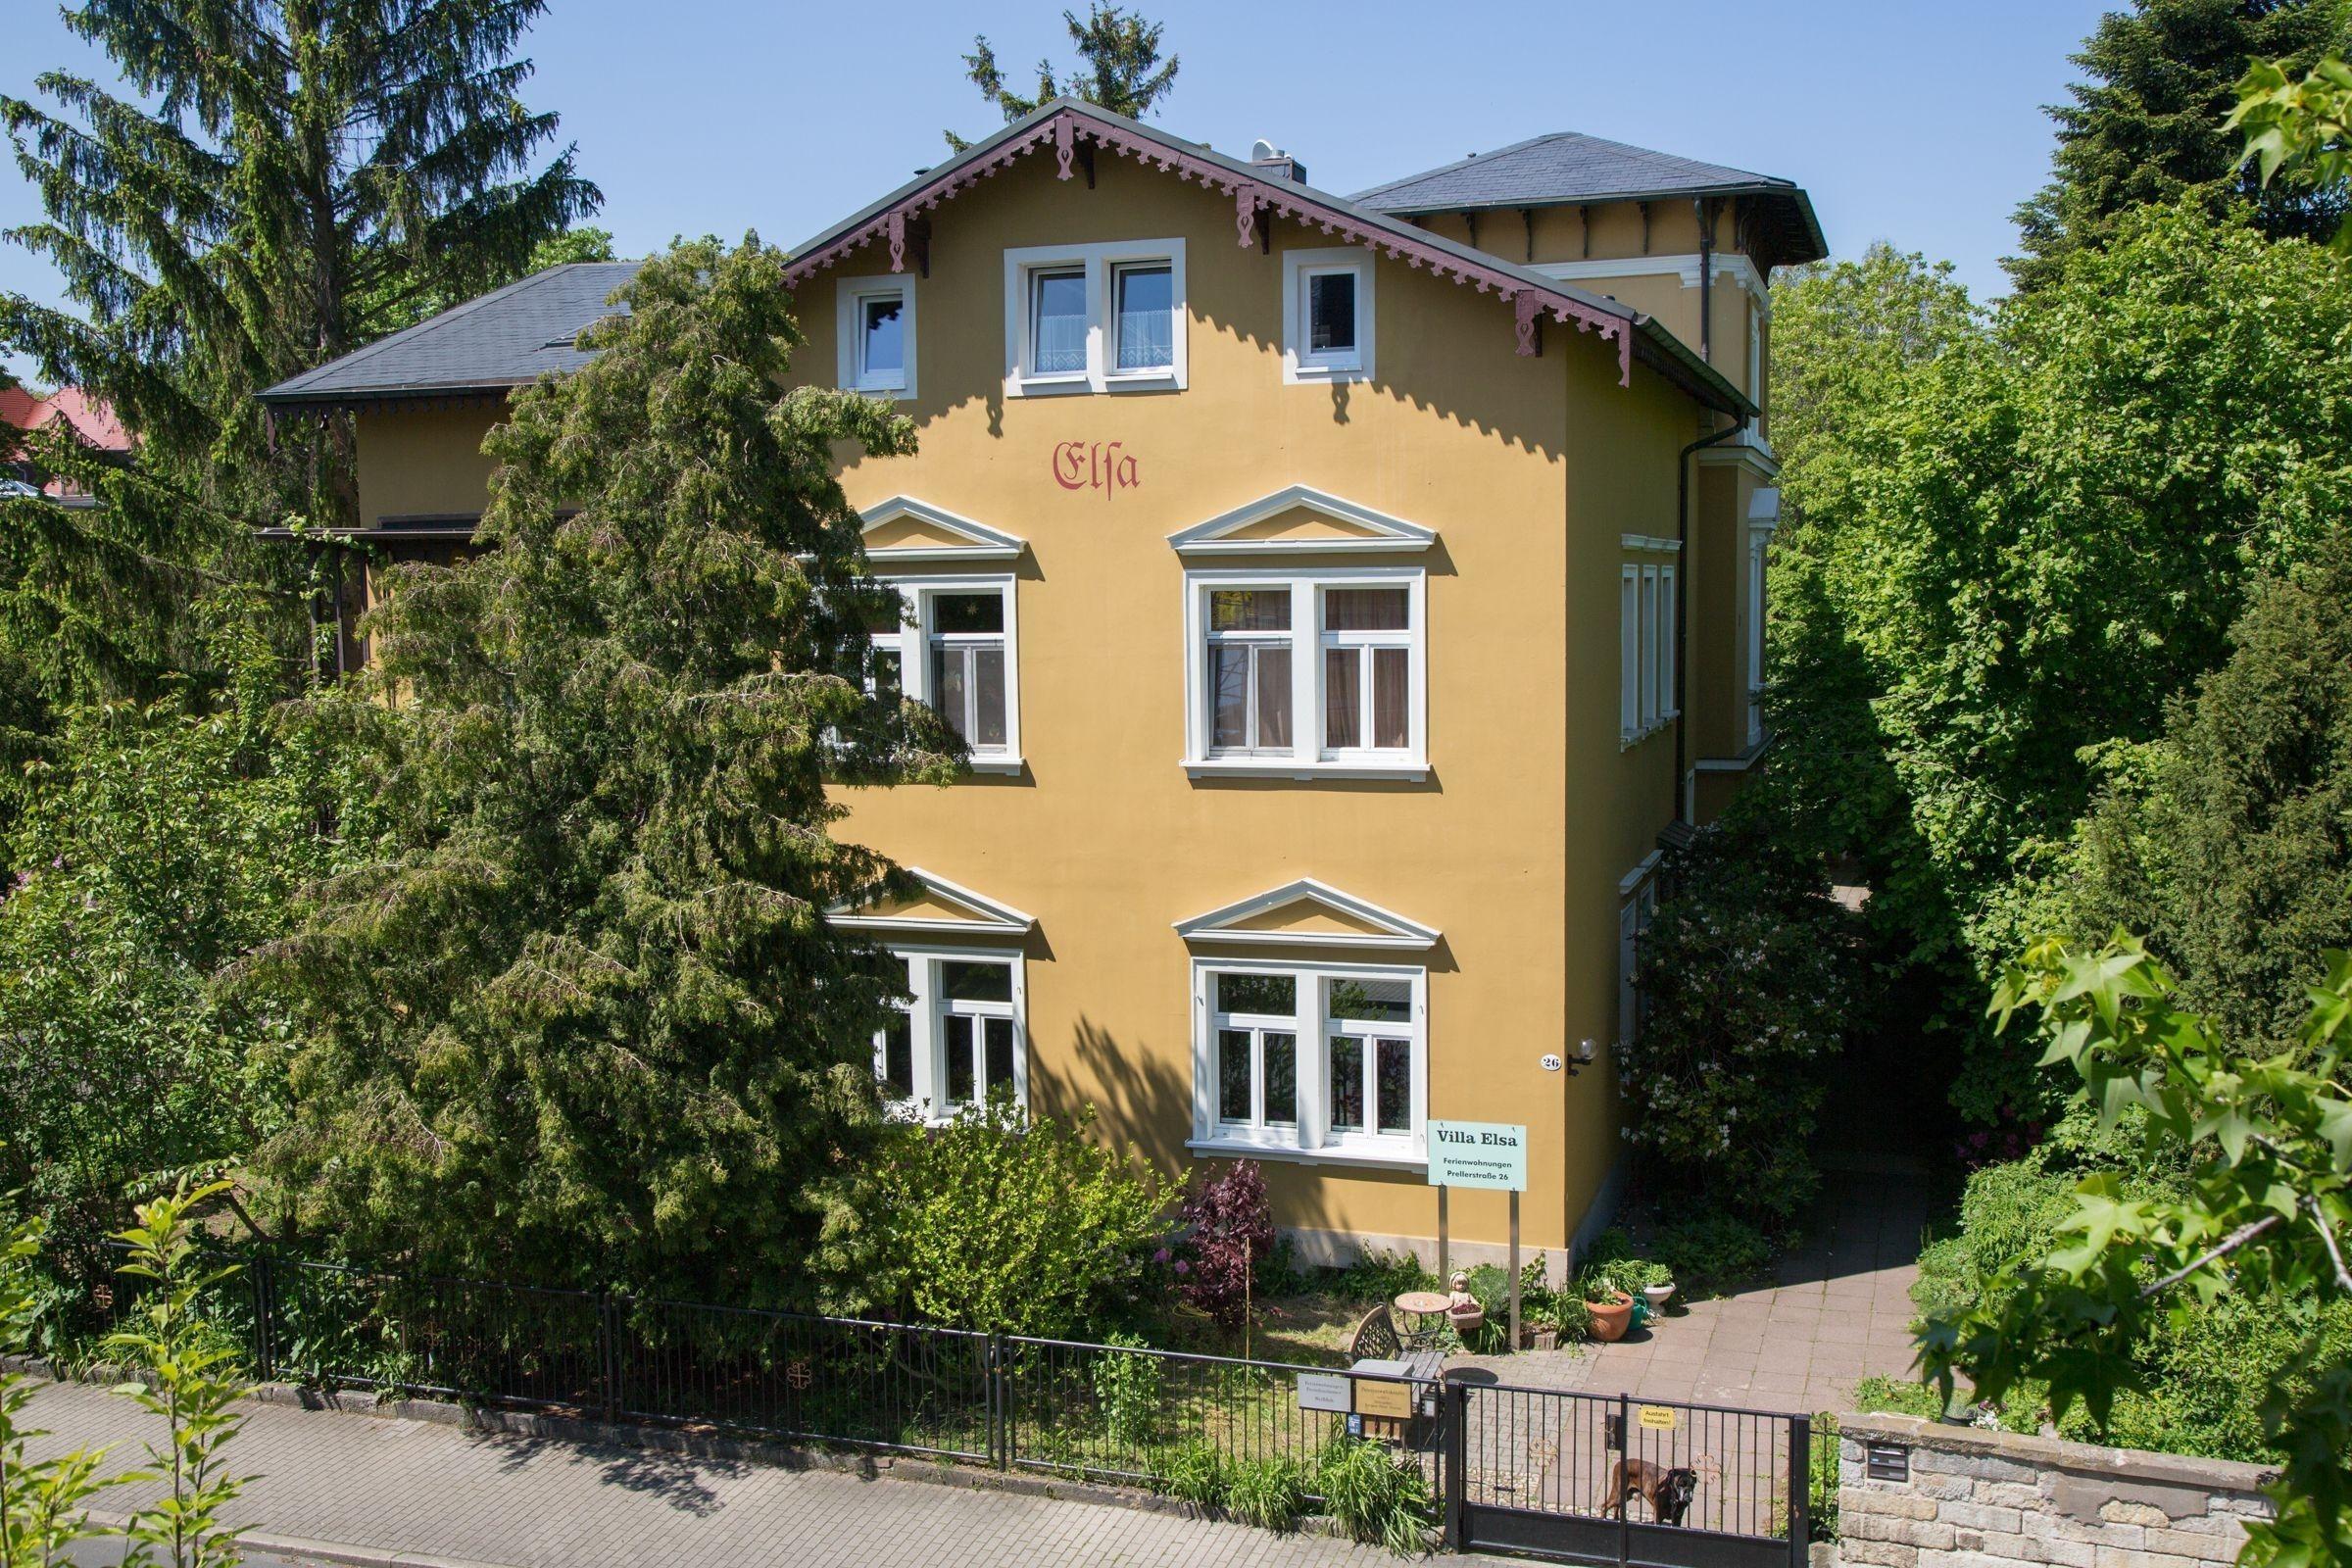 Apartment der Villa Elsa Ferienwohnung in Sachsen